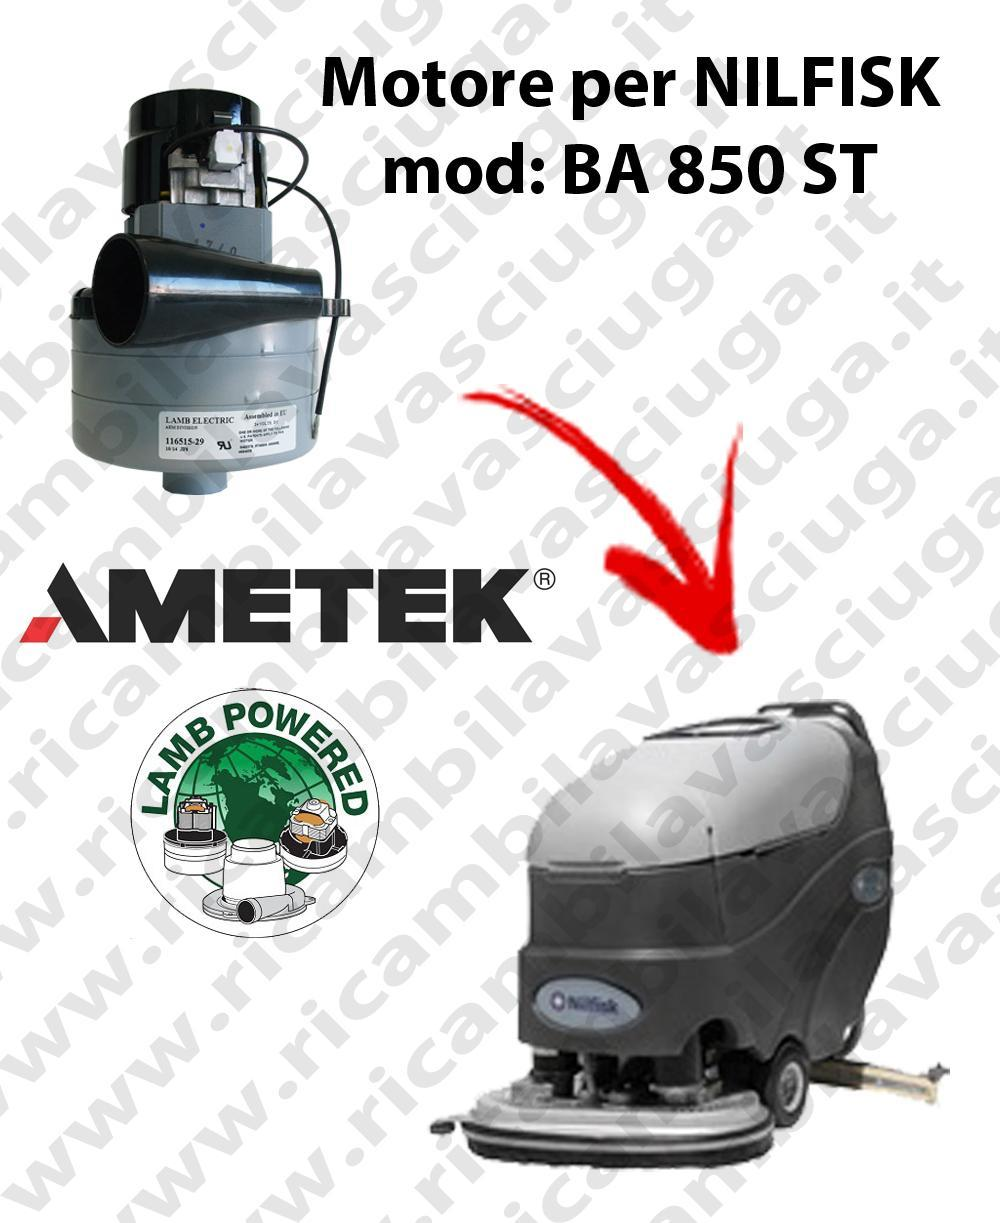 BA 850 ST MOTEUR ASPIRATION LAMB AMETEK pour autolaveuses NILFISK